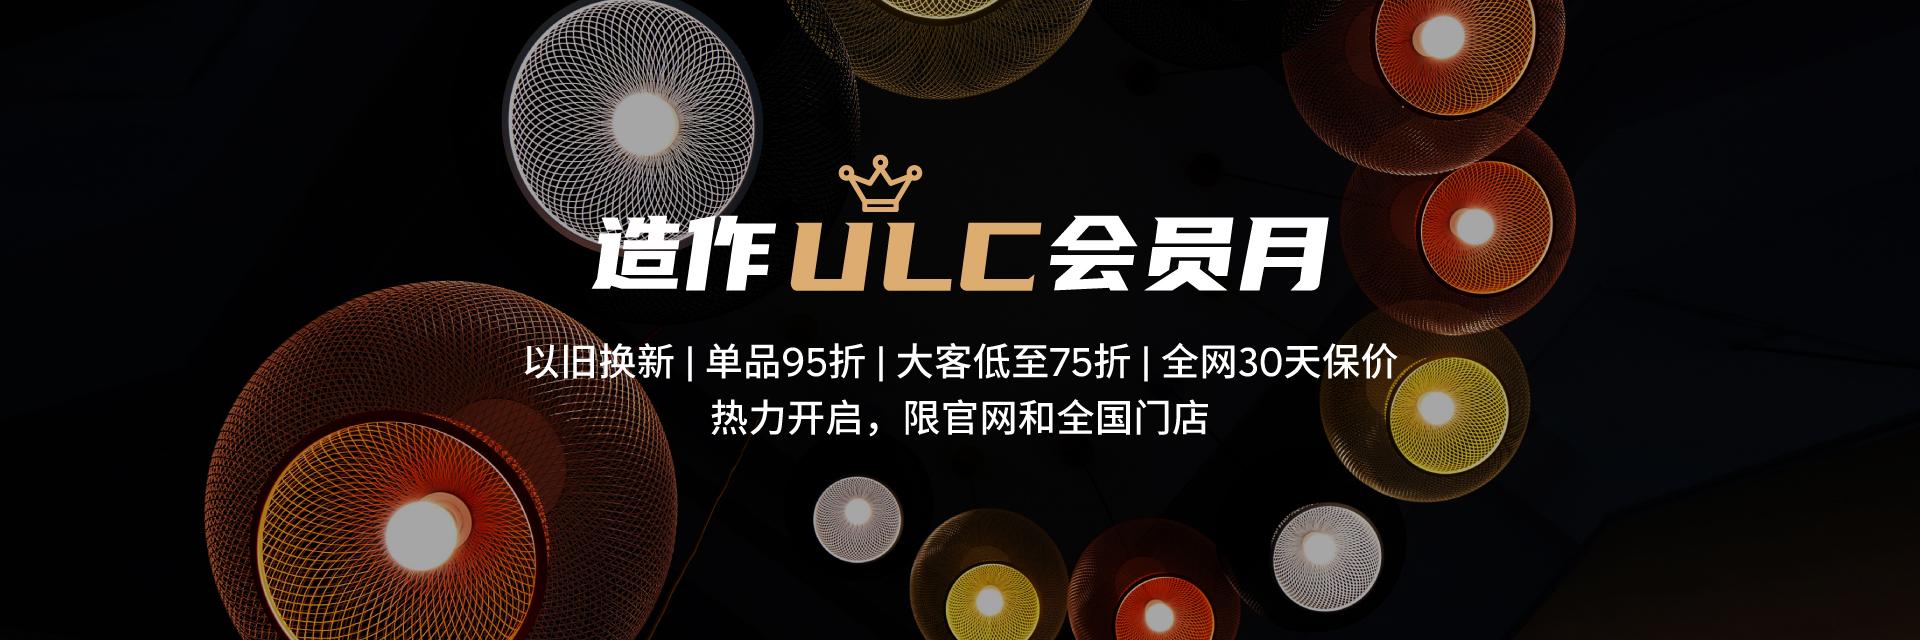 ULC会员月